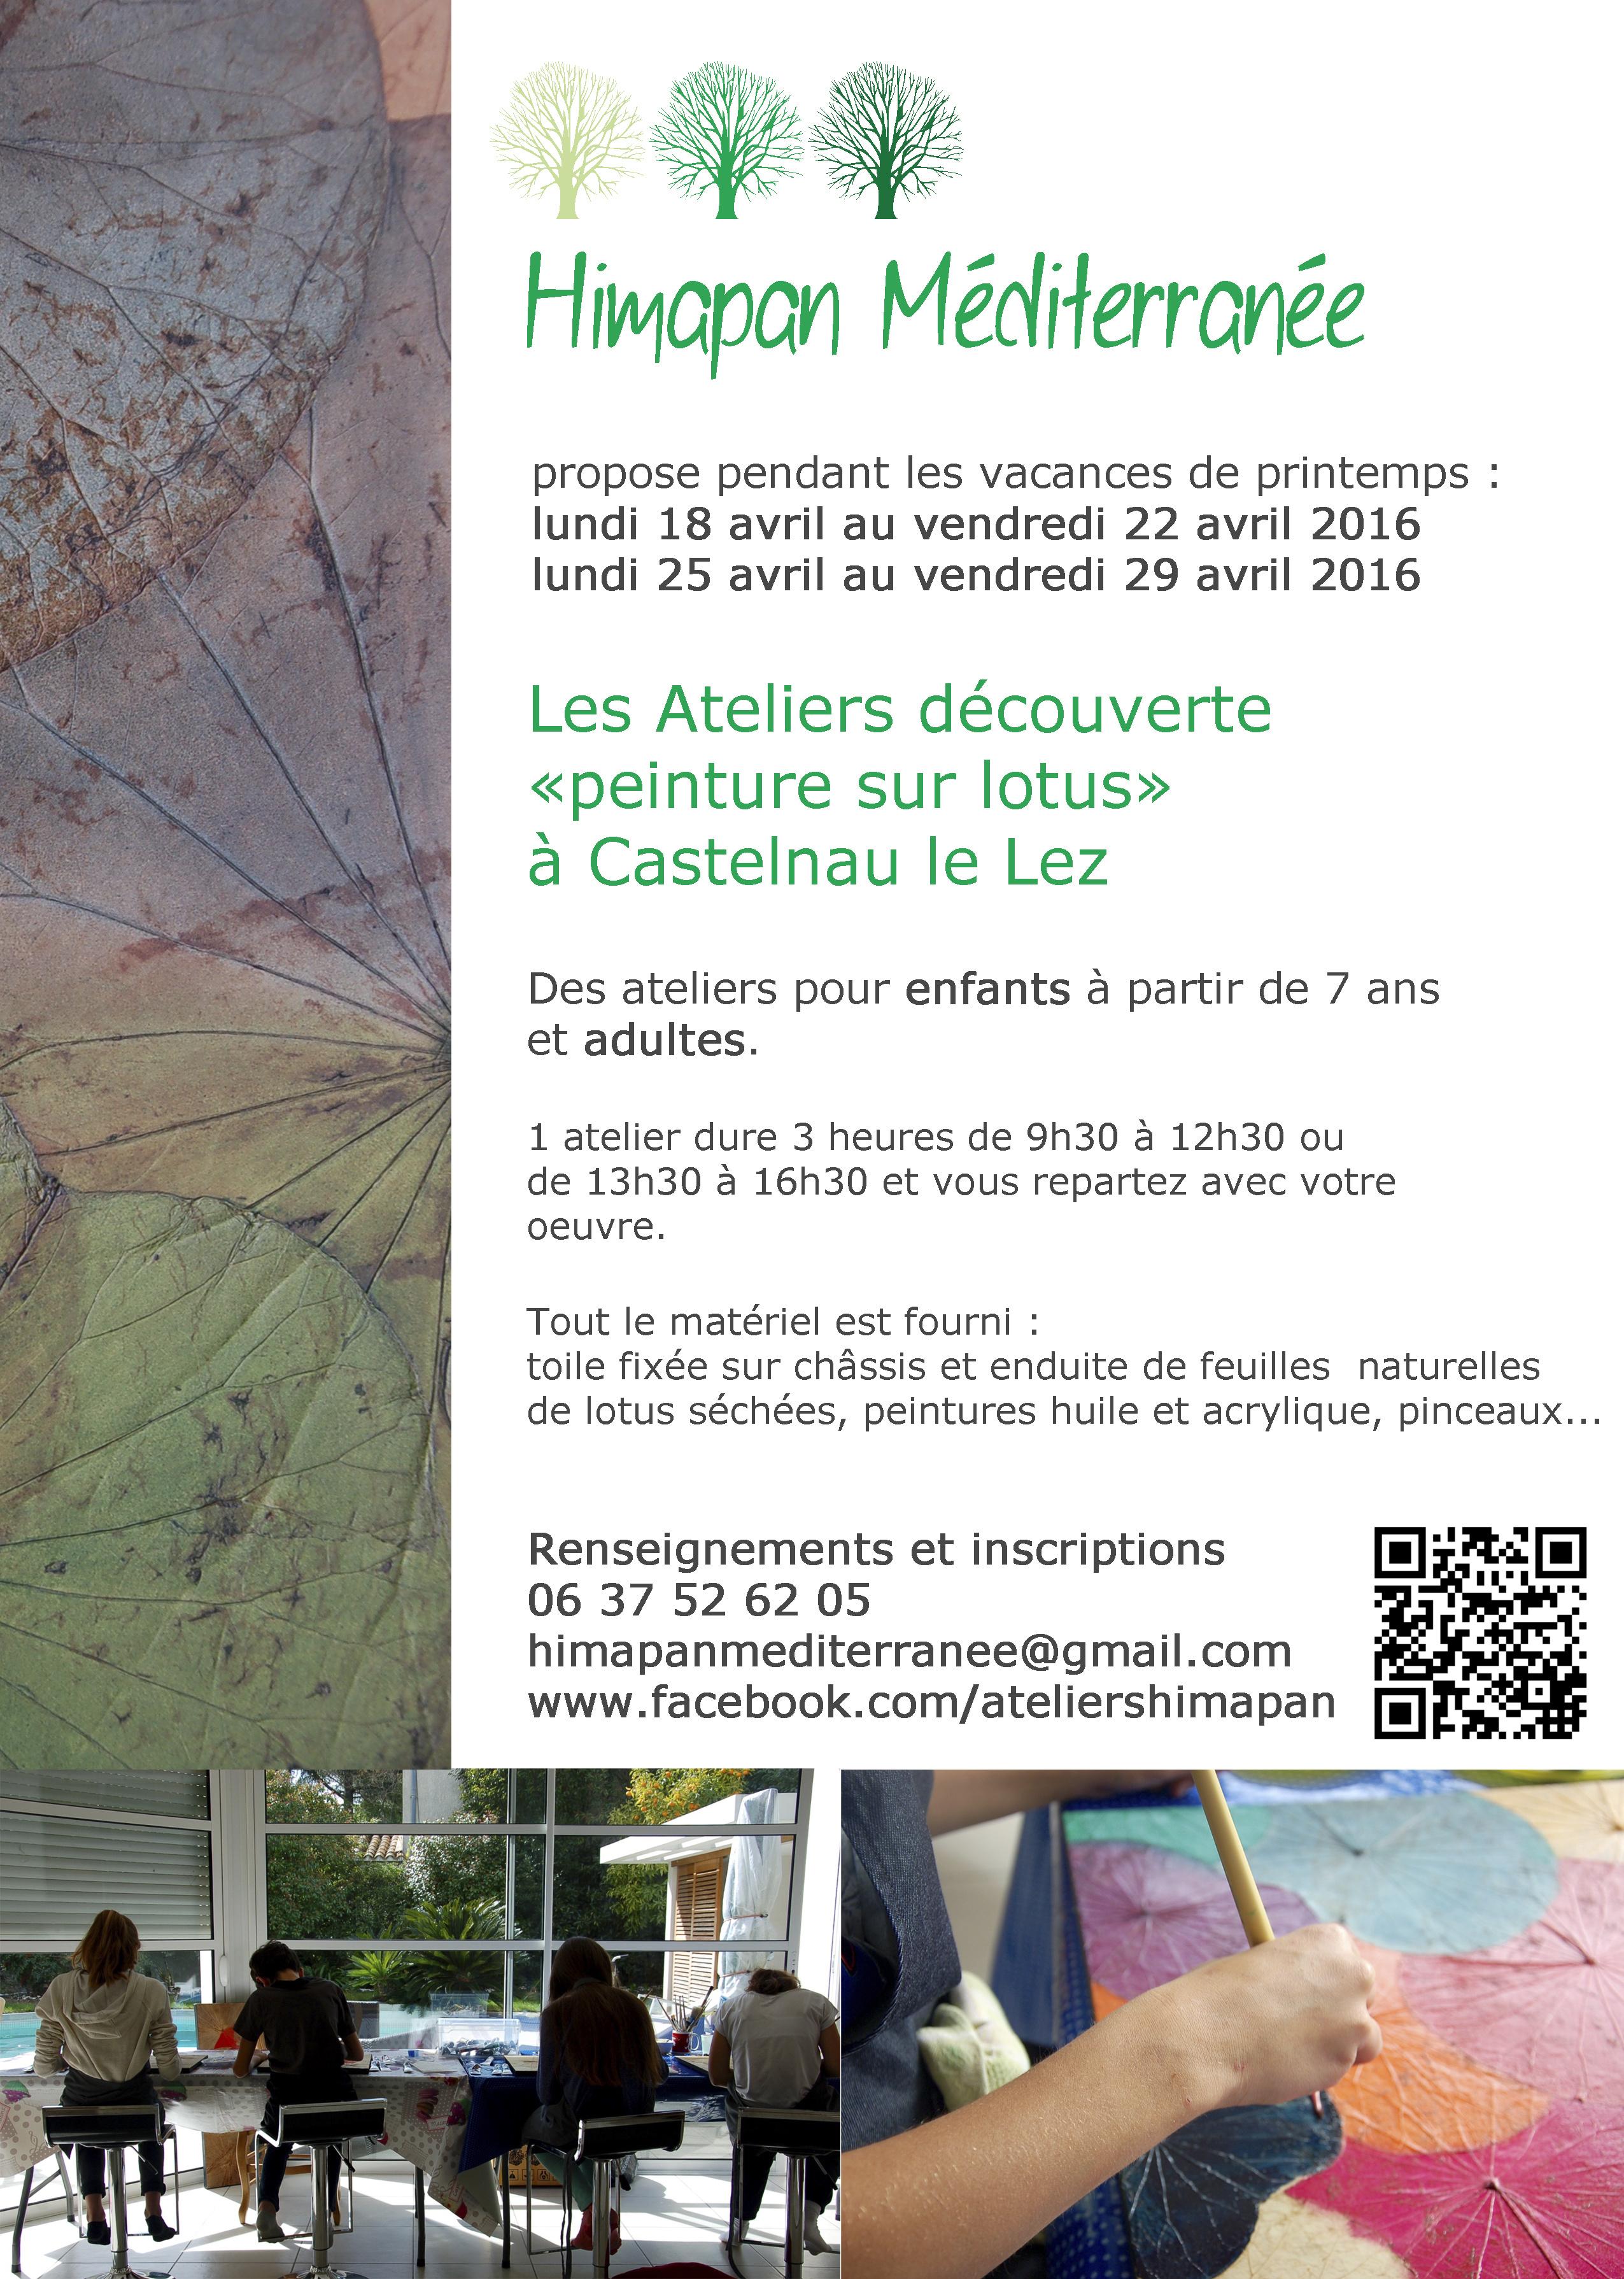 """Atelier découverte """"Peinture sur lotus"""" – Castelnau le lez – 22 et 29 avril 2016"""